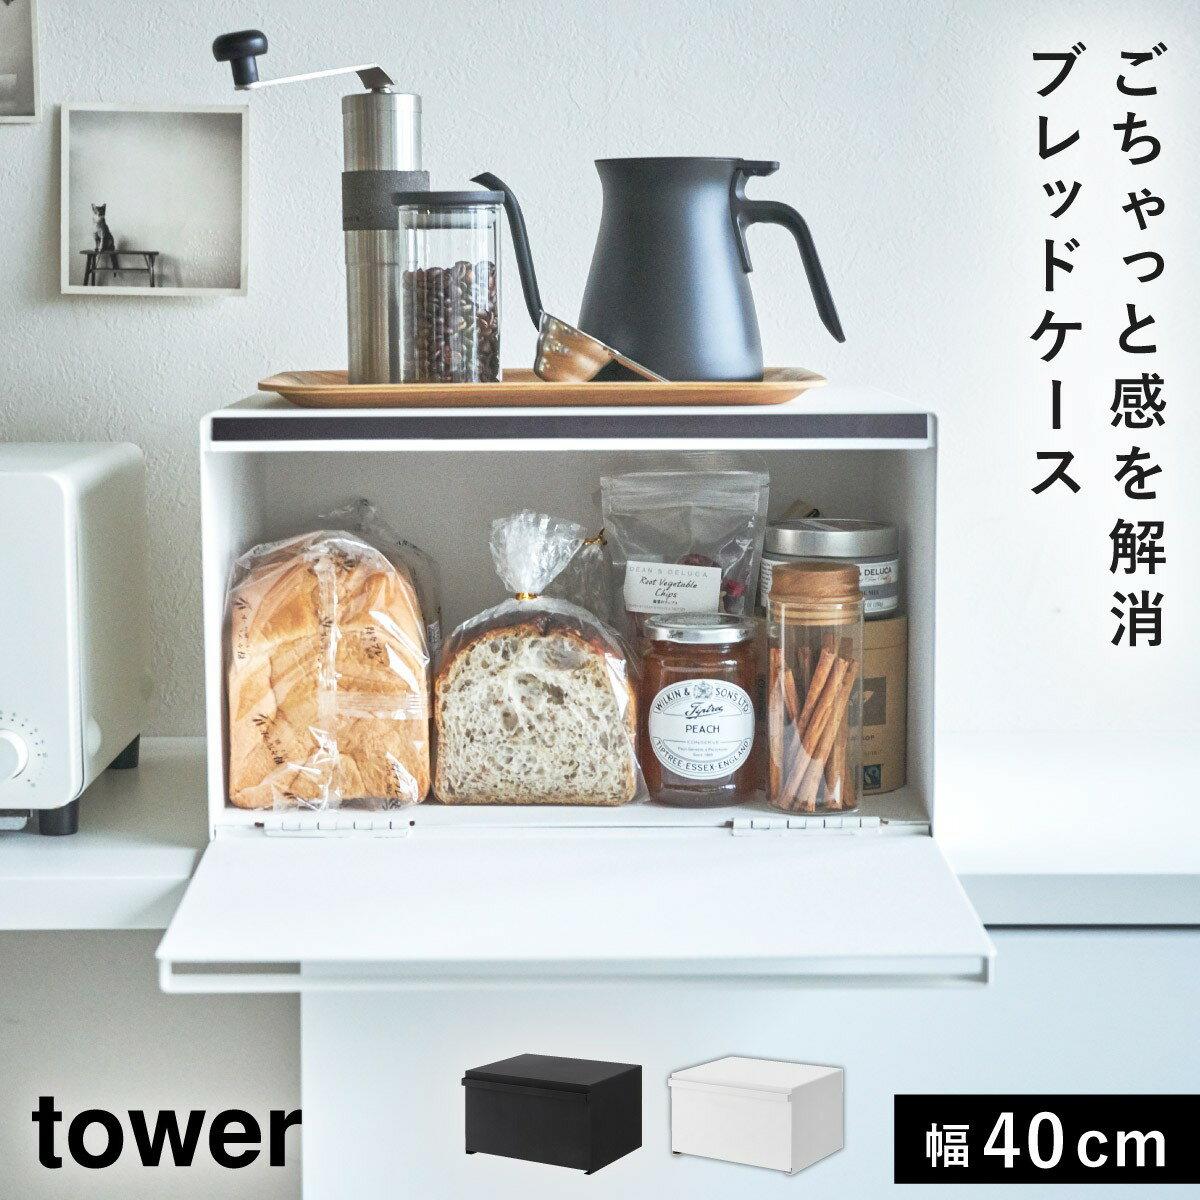 ブレッドケース タワー